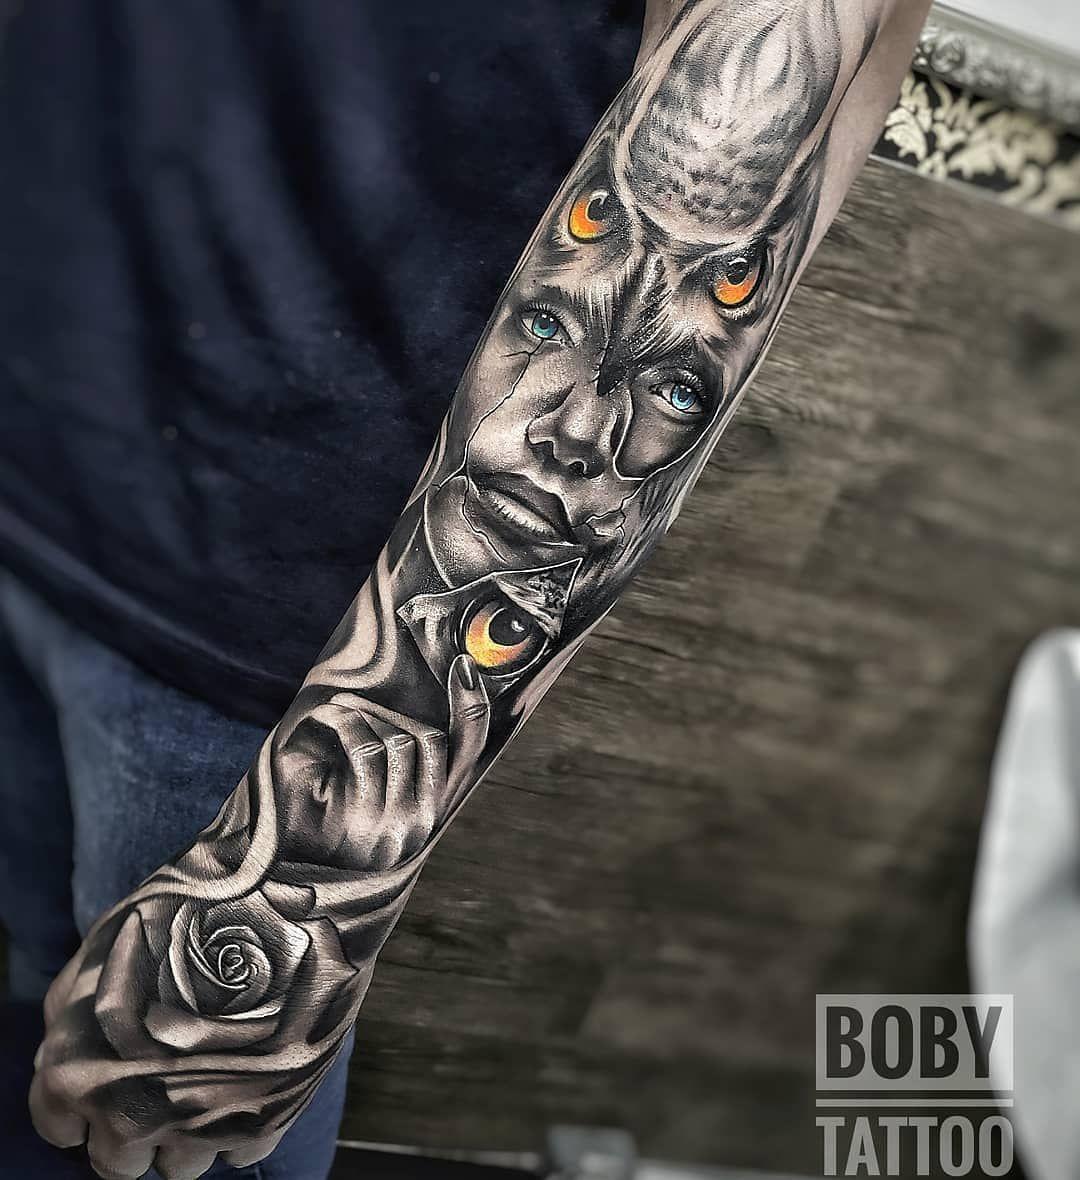 Artist:@boby_tattoo 👏🔝💯😍. . . . #tattooartwork #supportgoodtattooing #tattooedlifestyle #tattooarts #tattooartmagazine  #tattoocommunity #tattoolifemagazine #tattooistartmag #tattooartistmag #skinart_mag #skinartmagazine #igtattoo #besttattoos #inkig #tattooworkers #tattooistartmag #toptattooartist #inklifestyle #tattooideas #instatattoos #tattootime #tattoolovers #bnginksociety #tattooloveart #tattoolover #tattoooftheday #tattooworldwide